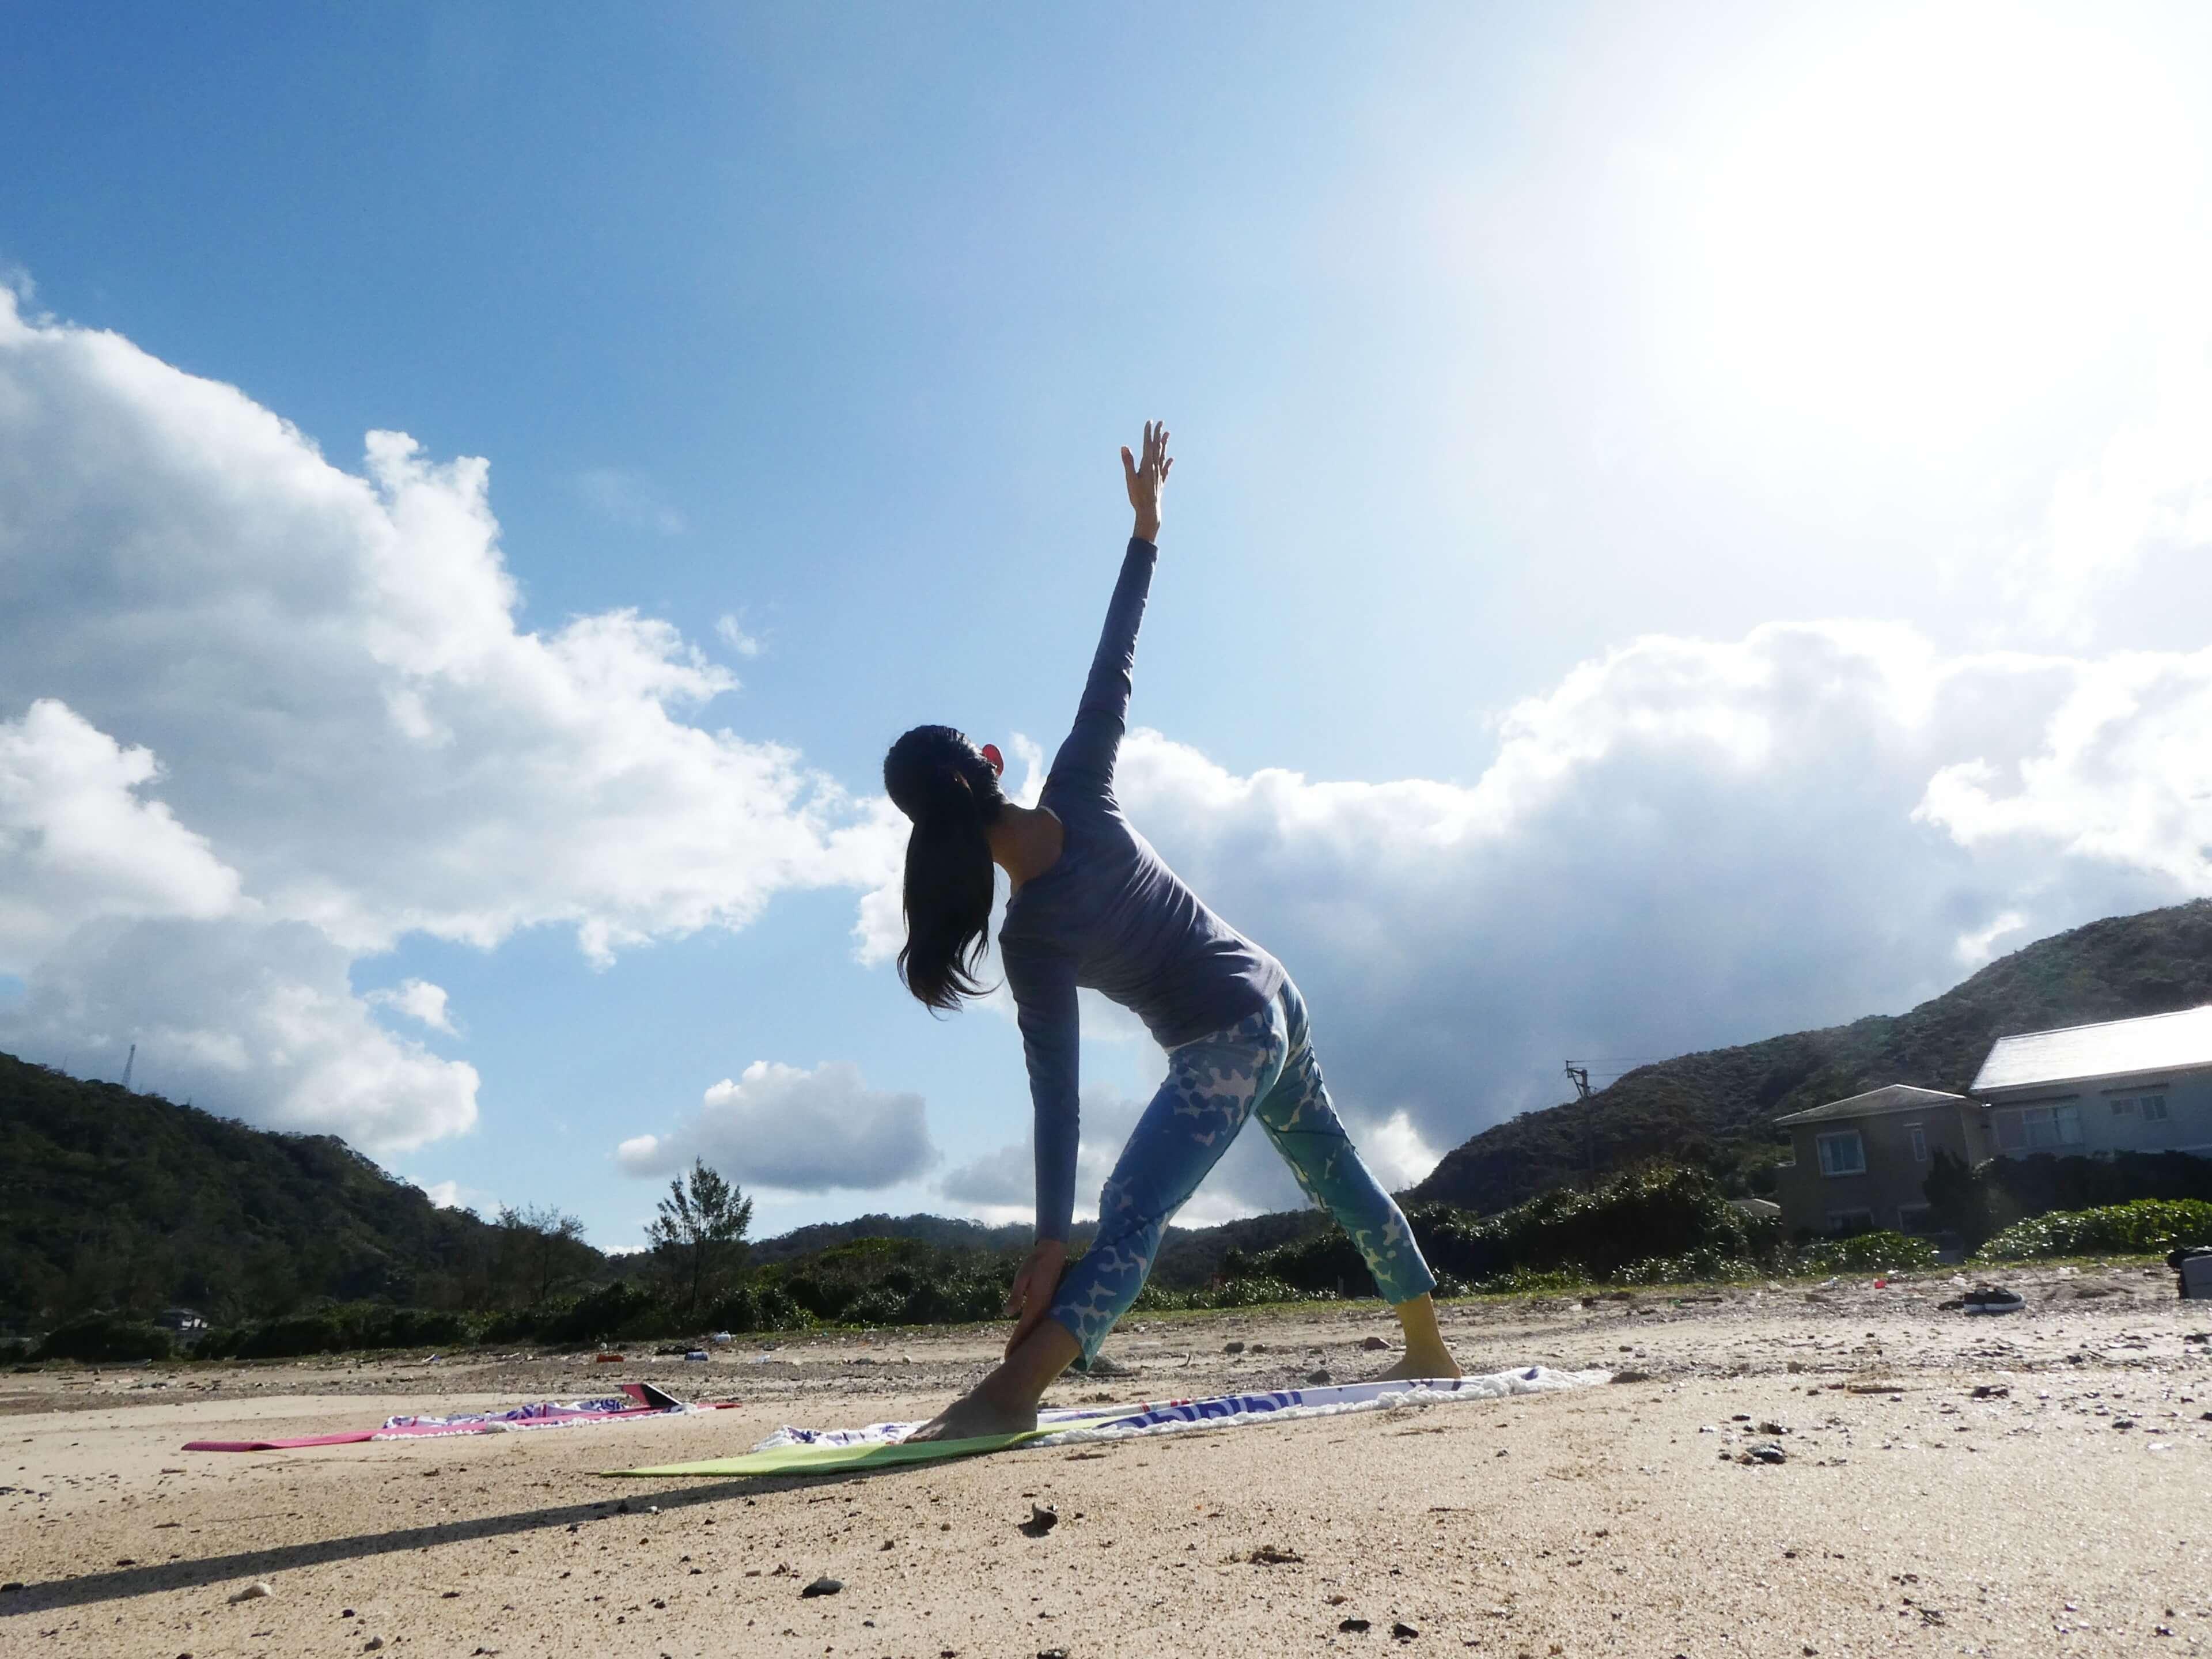 奄美大島の砂浜でビーチヨガ体験